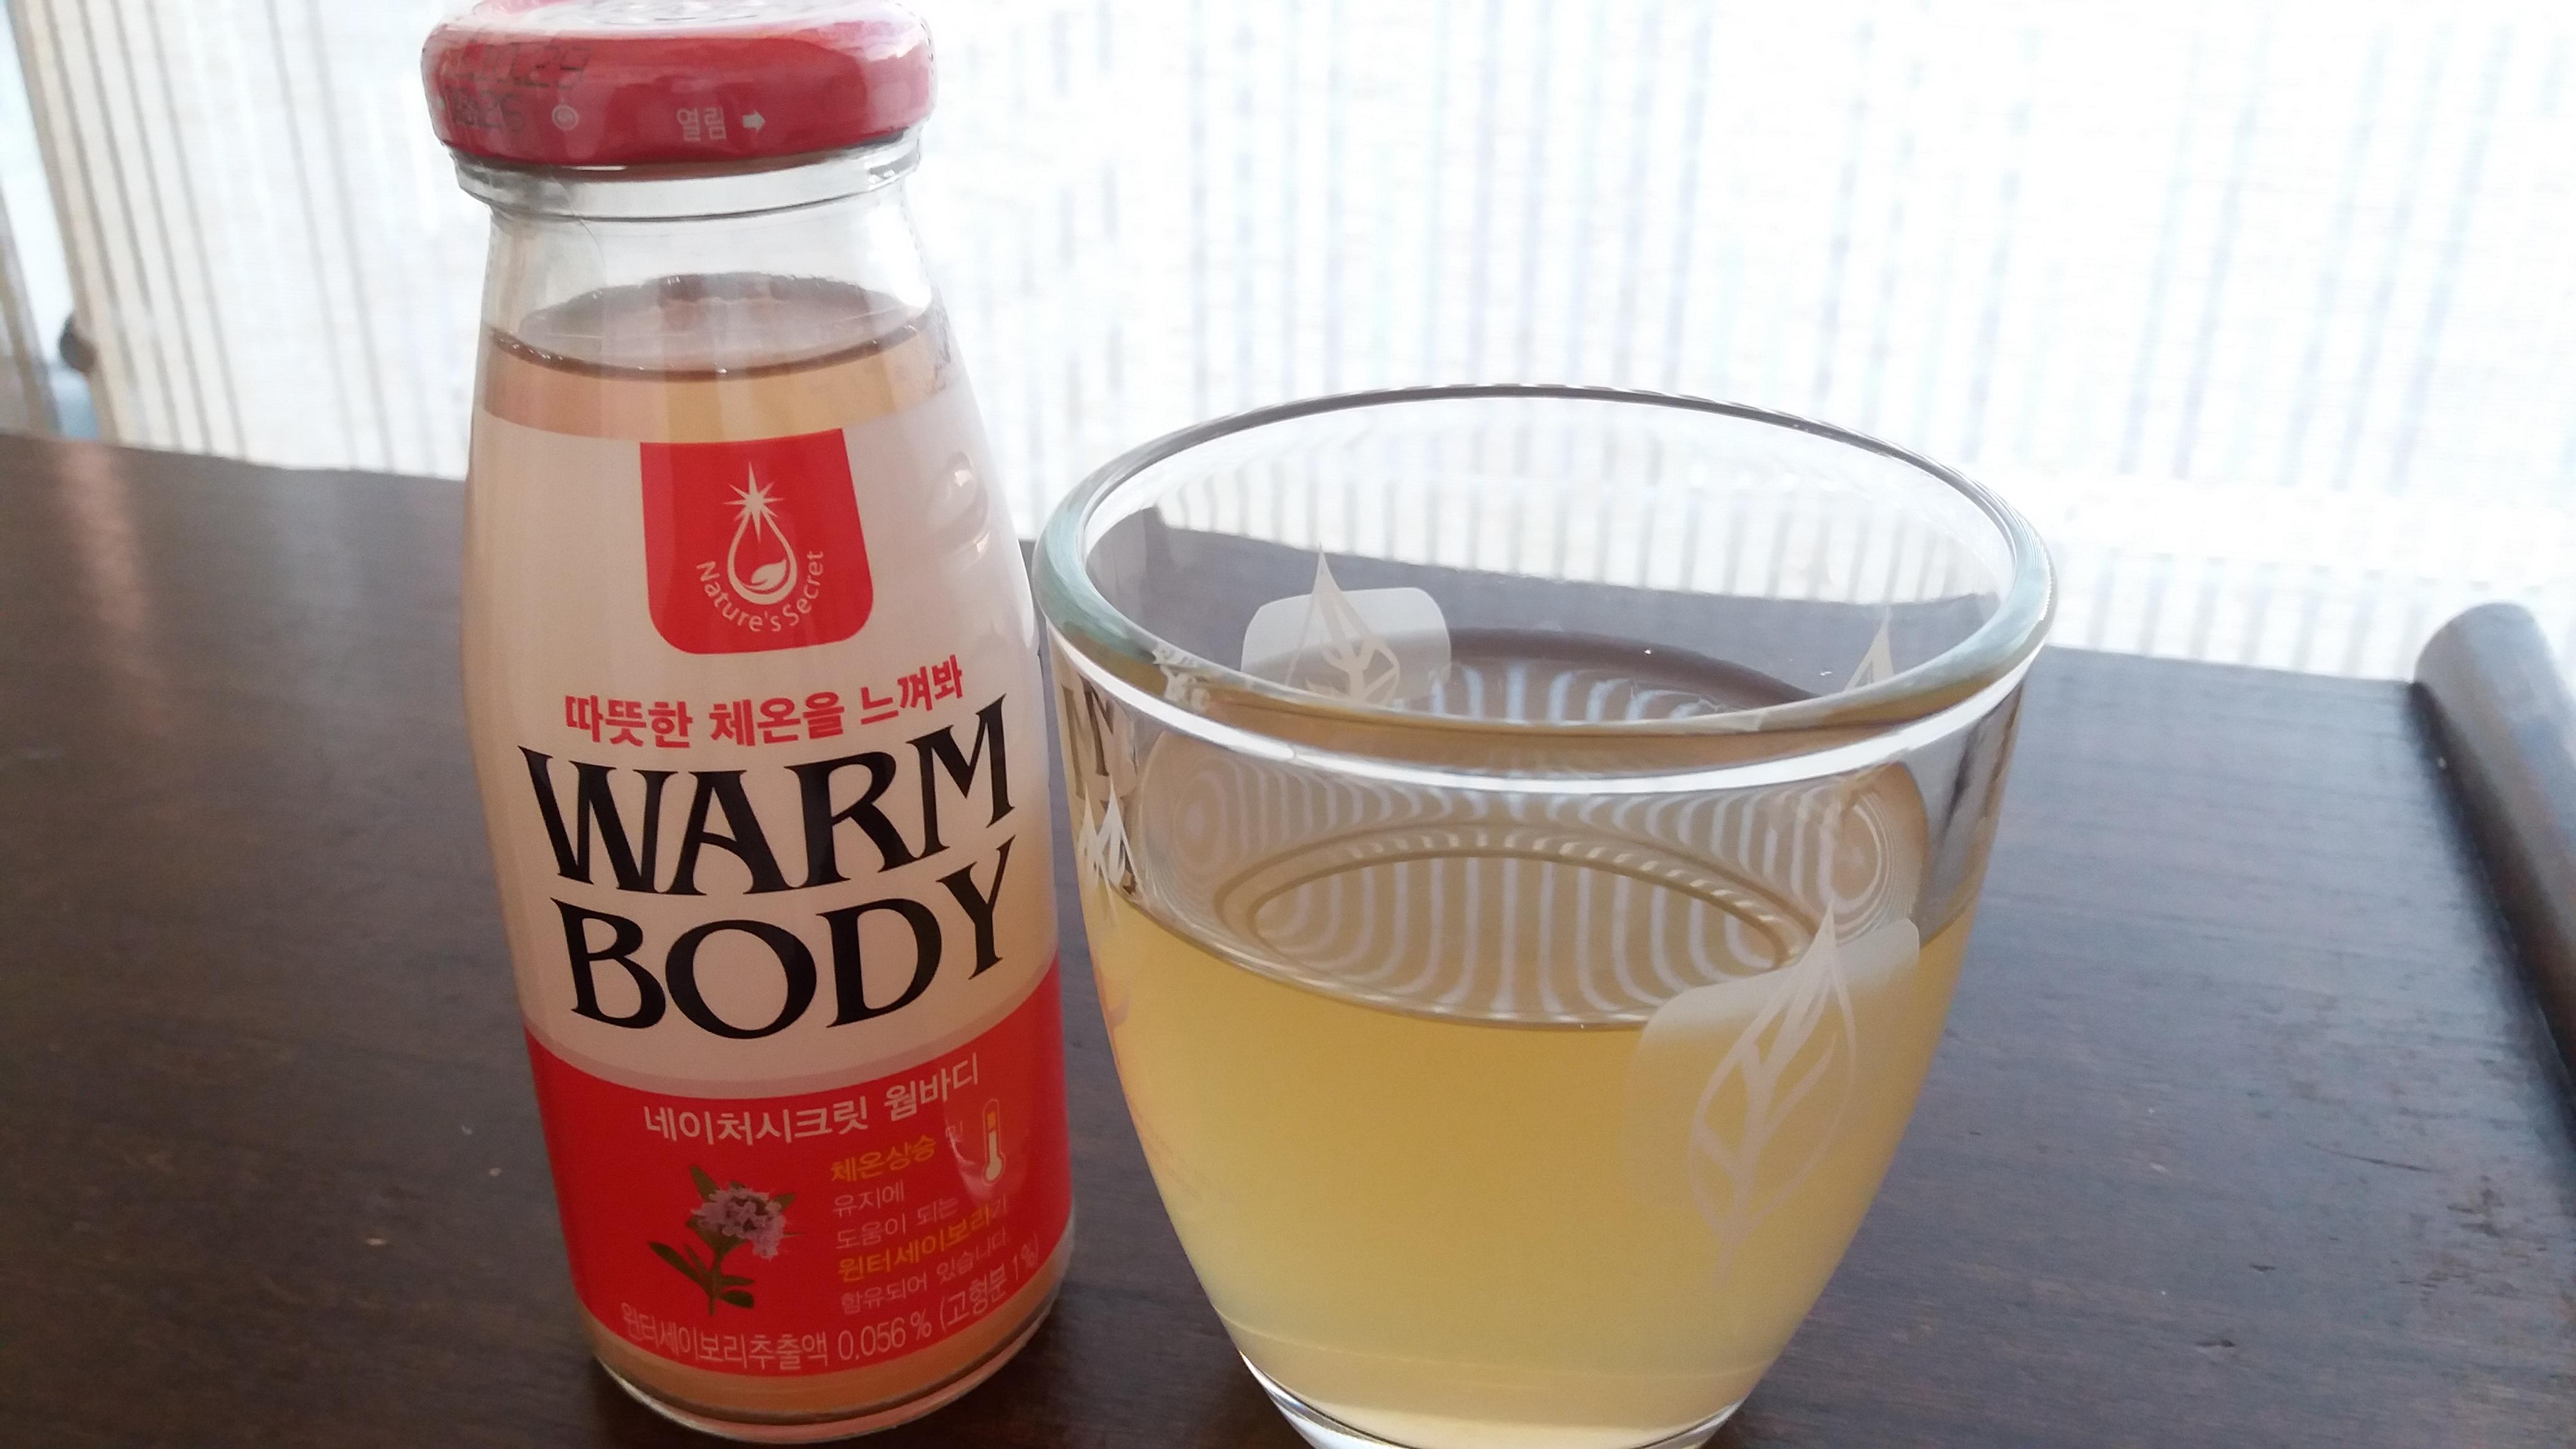 추운 겨울에는 웜바디 마셔요~~^^